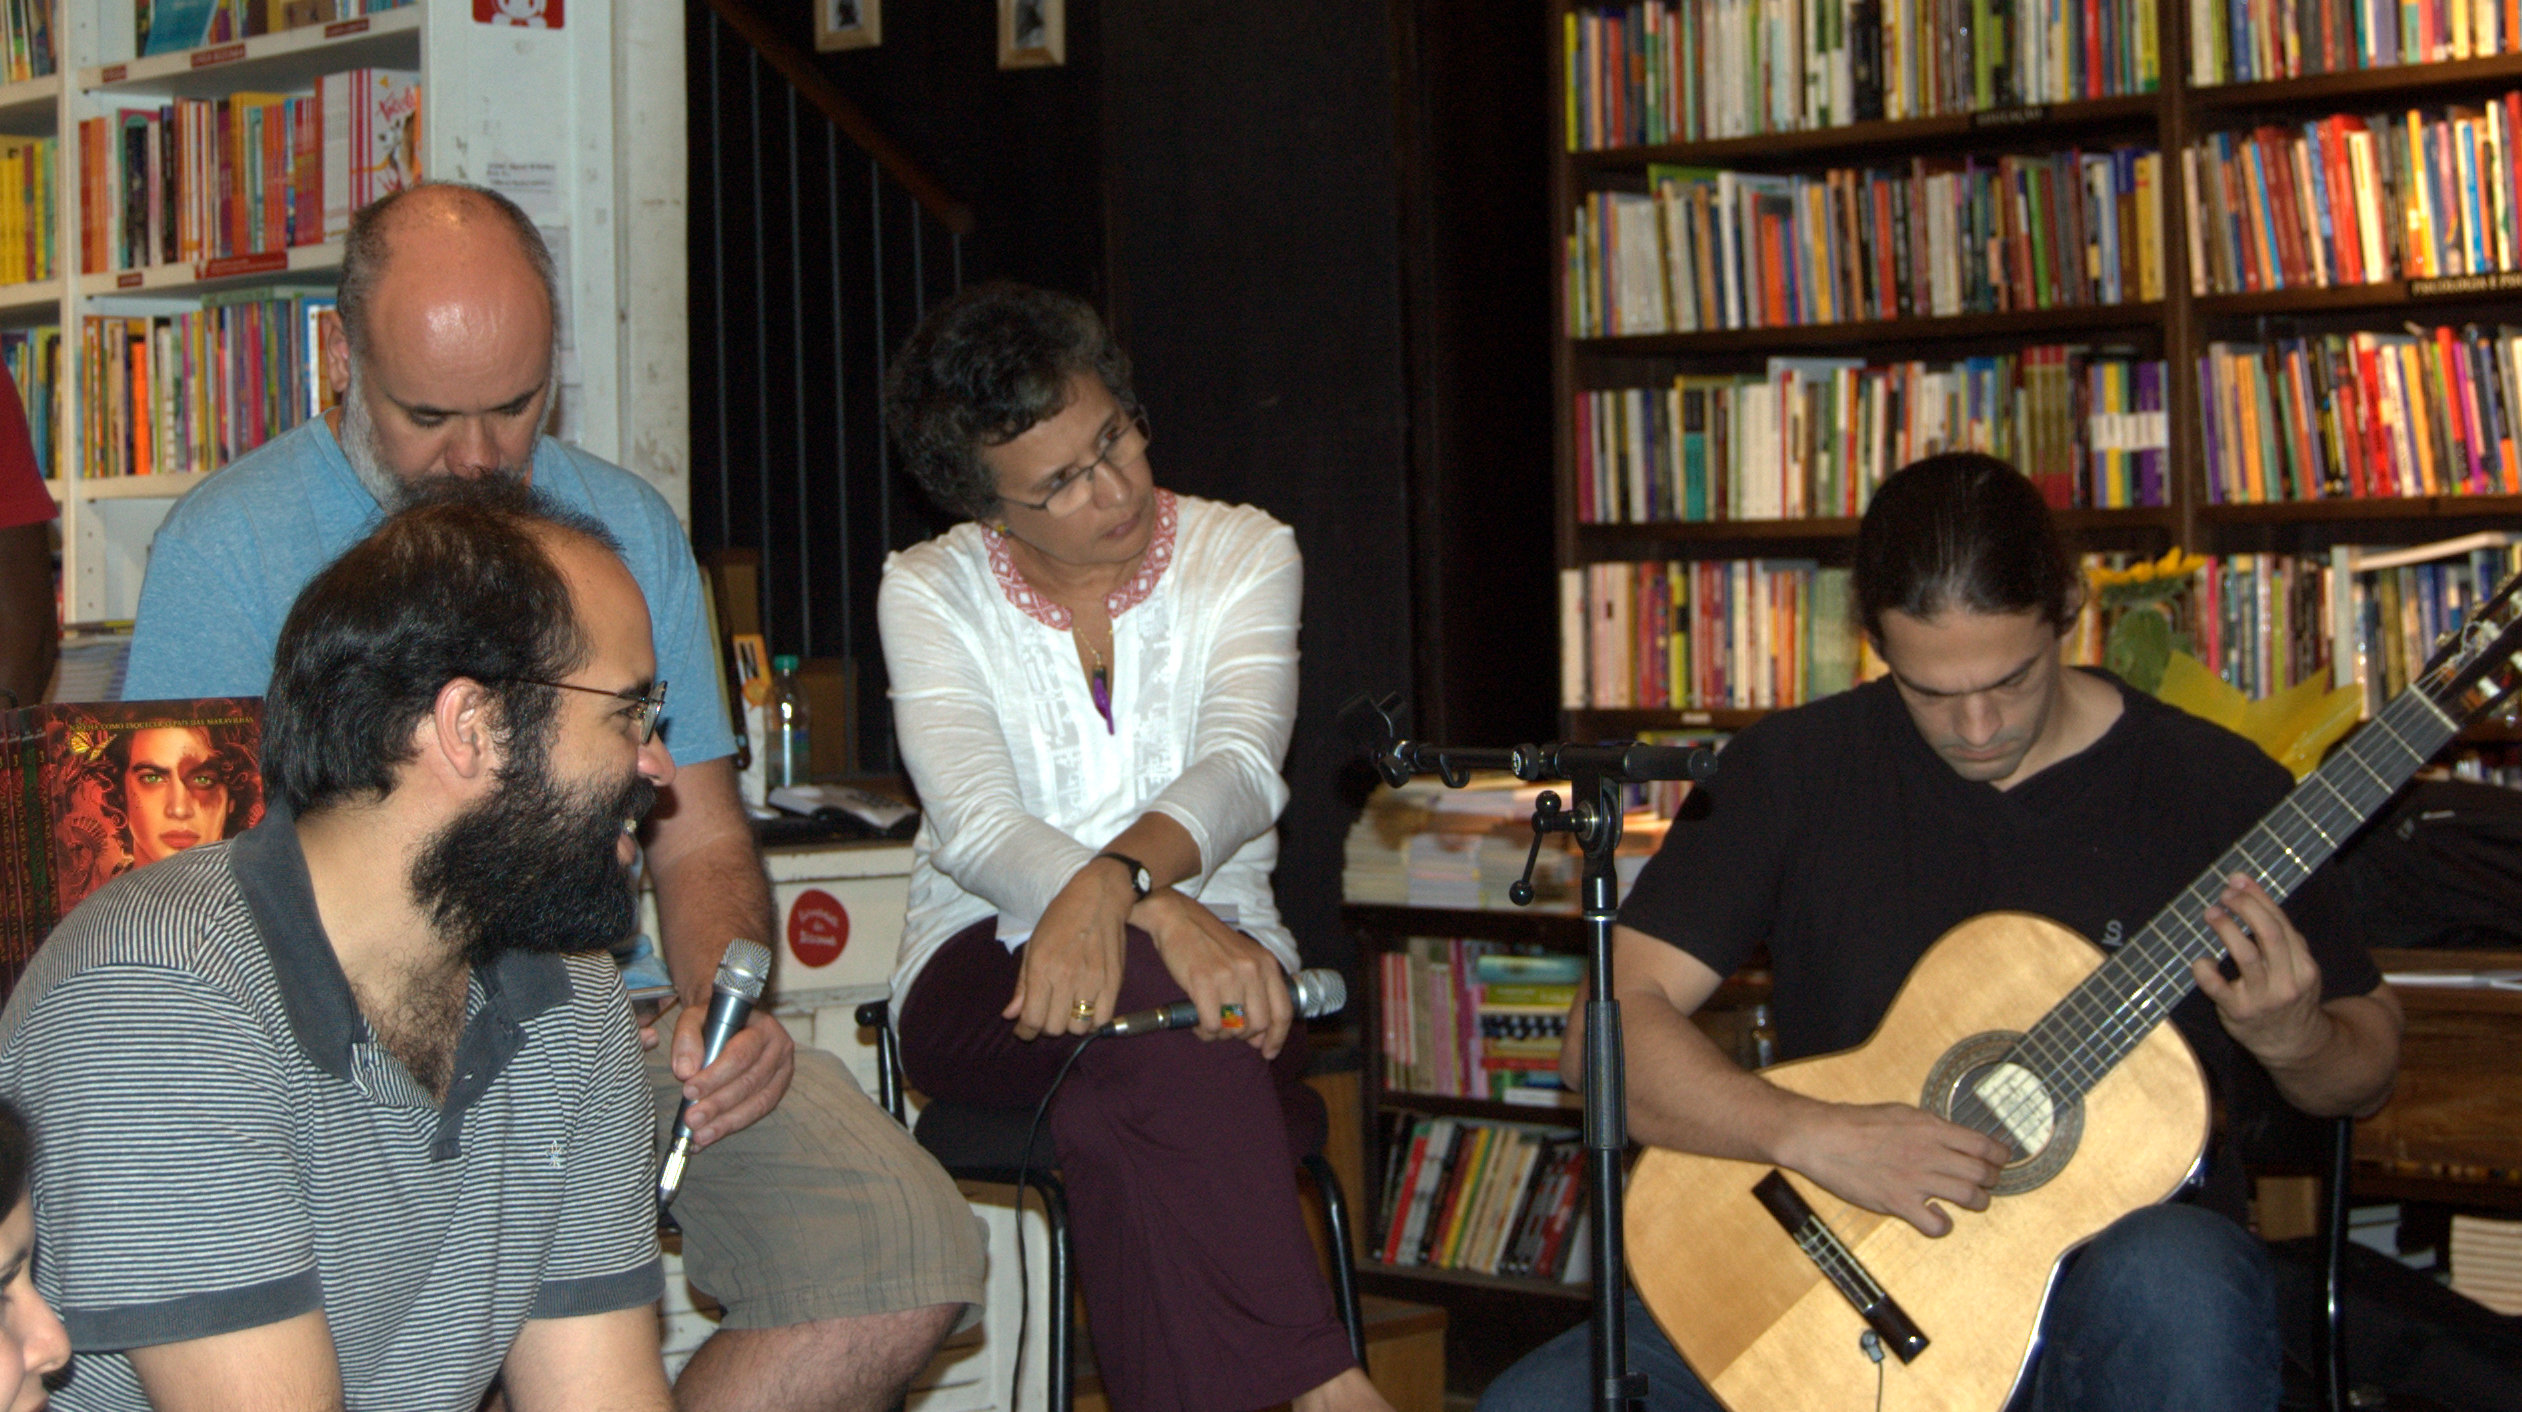 Ouça o programa Antena na Travessa – MEC FM – Poesia como gênero